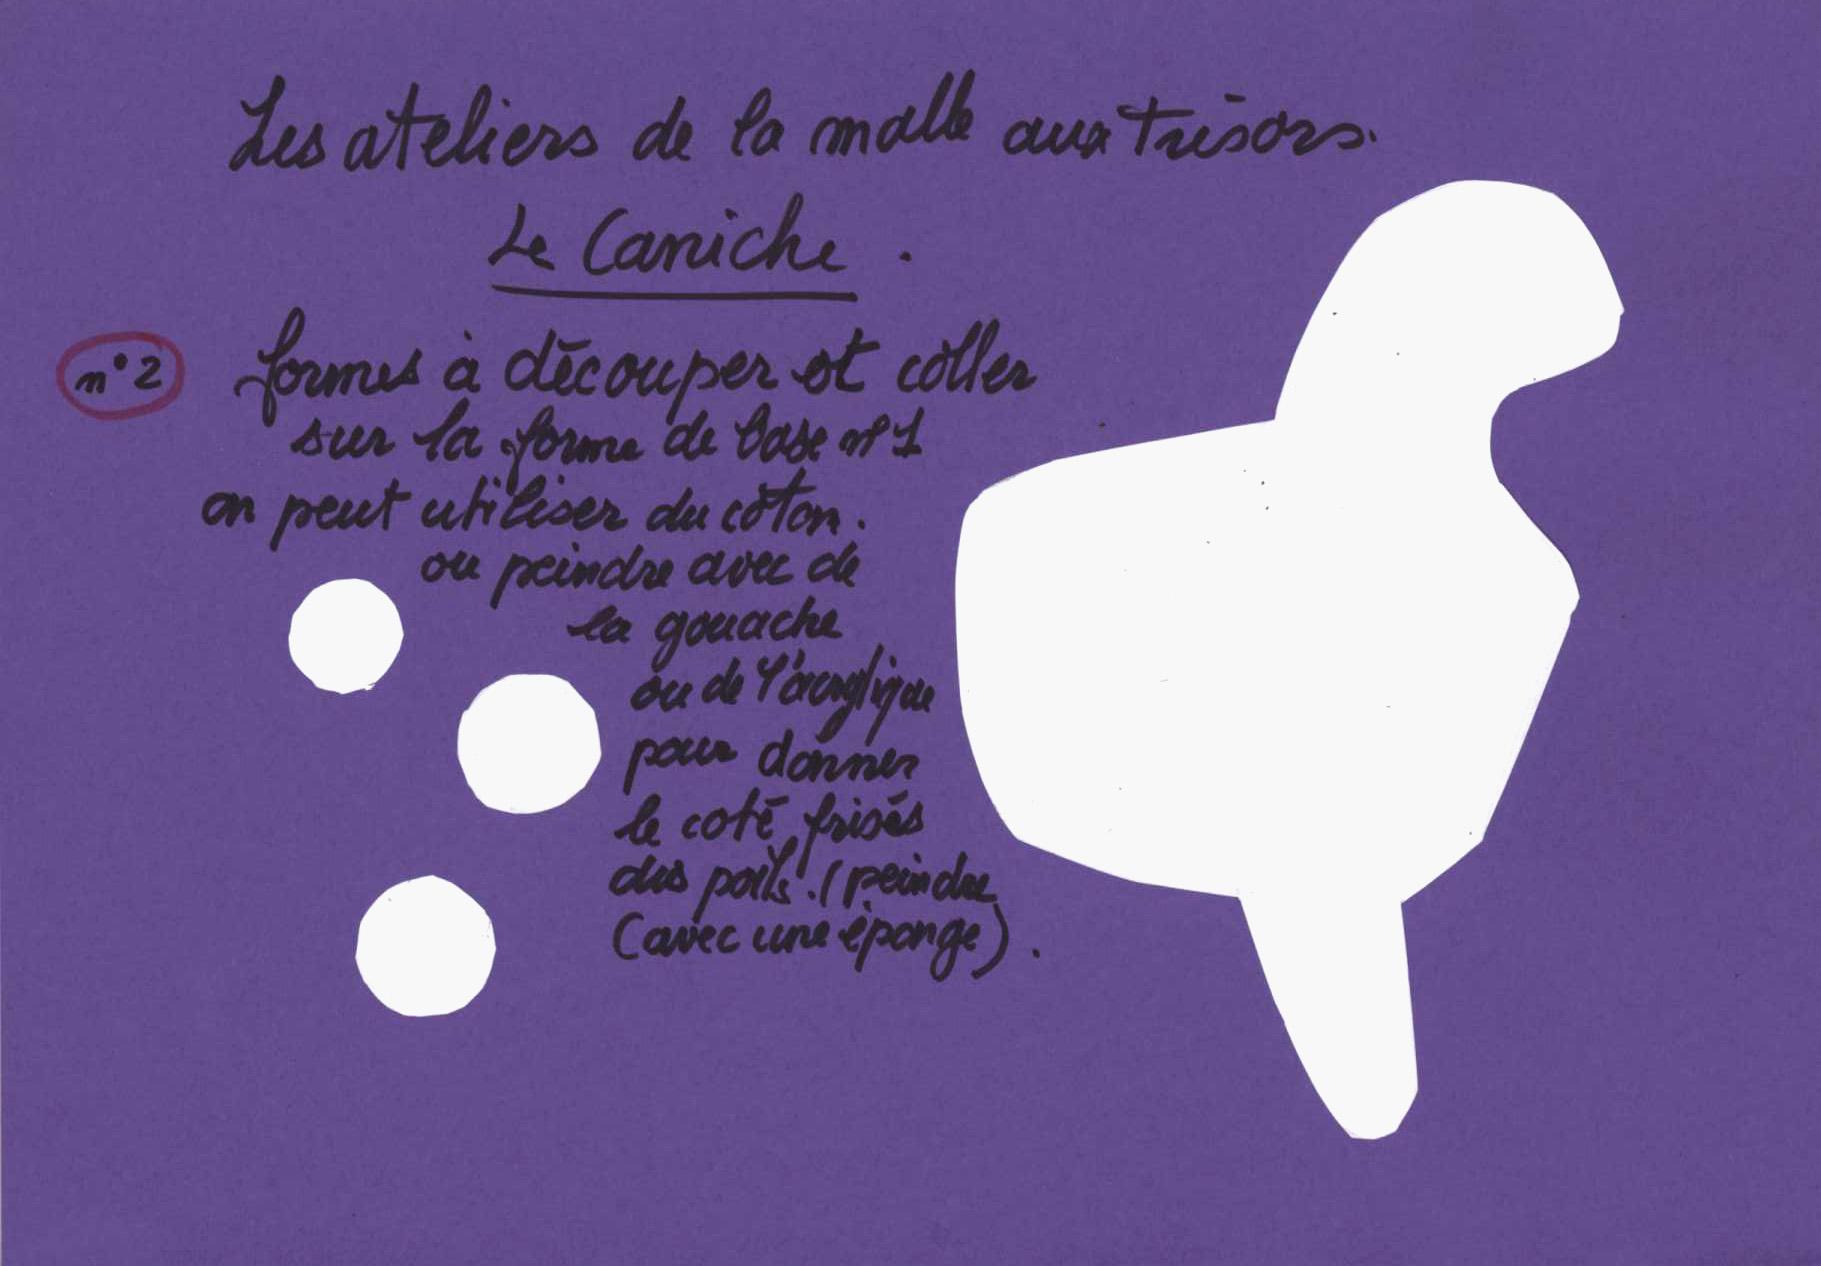 caniche2.jpg